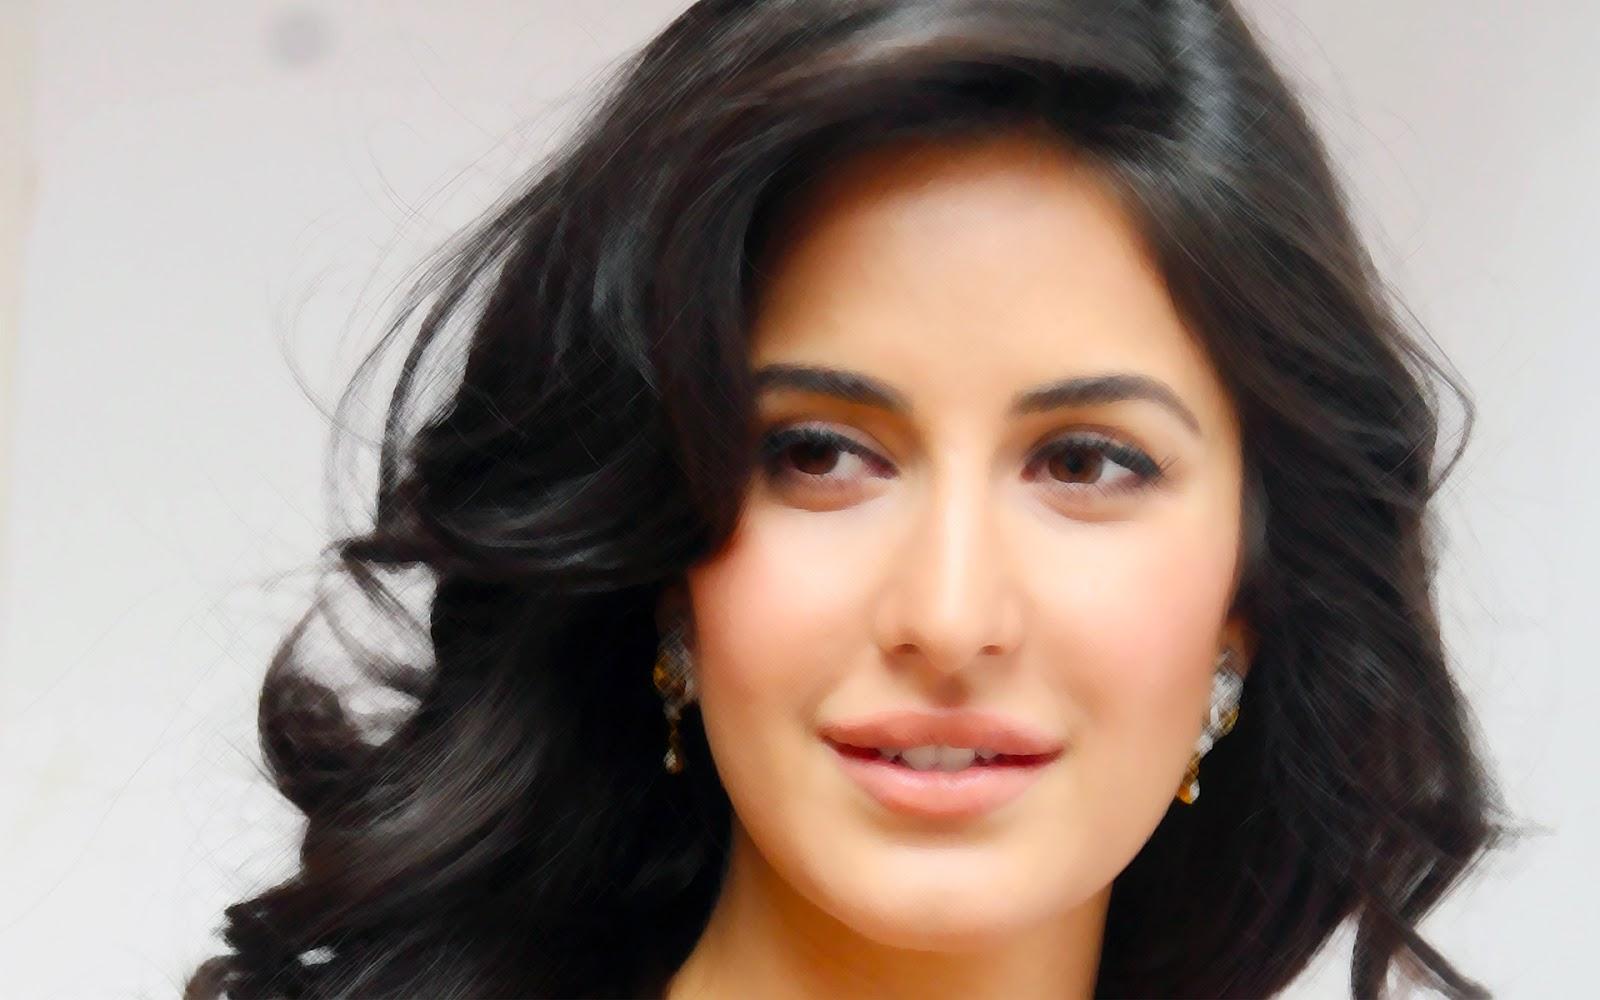 Bollywood Hindi Movies 2018 Actor Name: Katrina Kaif Upcoming Movies List 2017, 2018 & Release